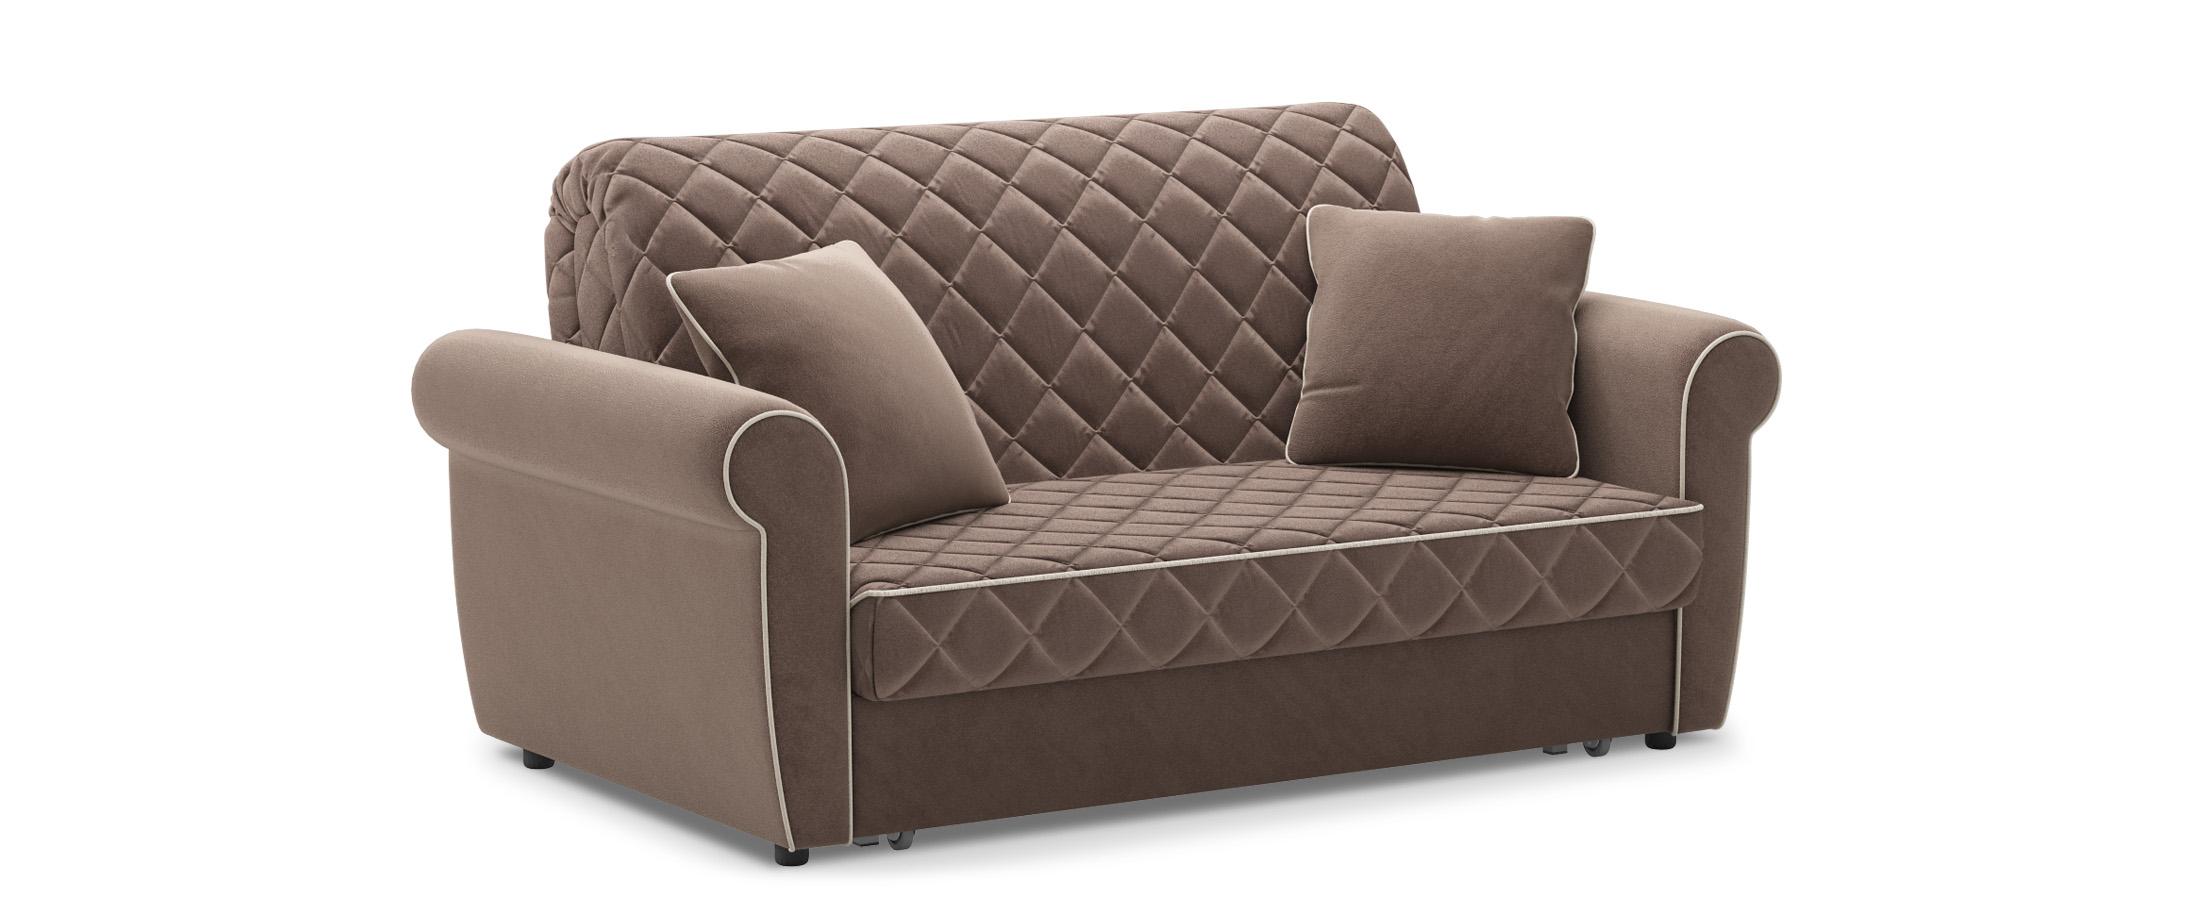 Диван прямой аккордеон Гамбург 123Гостевой вариант и полноценное спальное место. Размеры 180х105х91 см. Купить коричневый диван аккордеон в интернет-магазине MOON-TRADE.RU